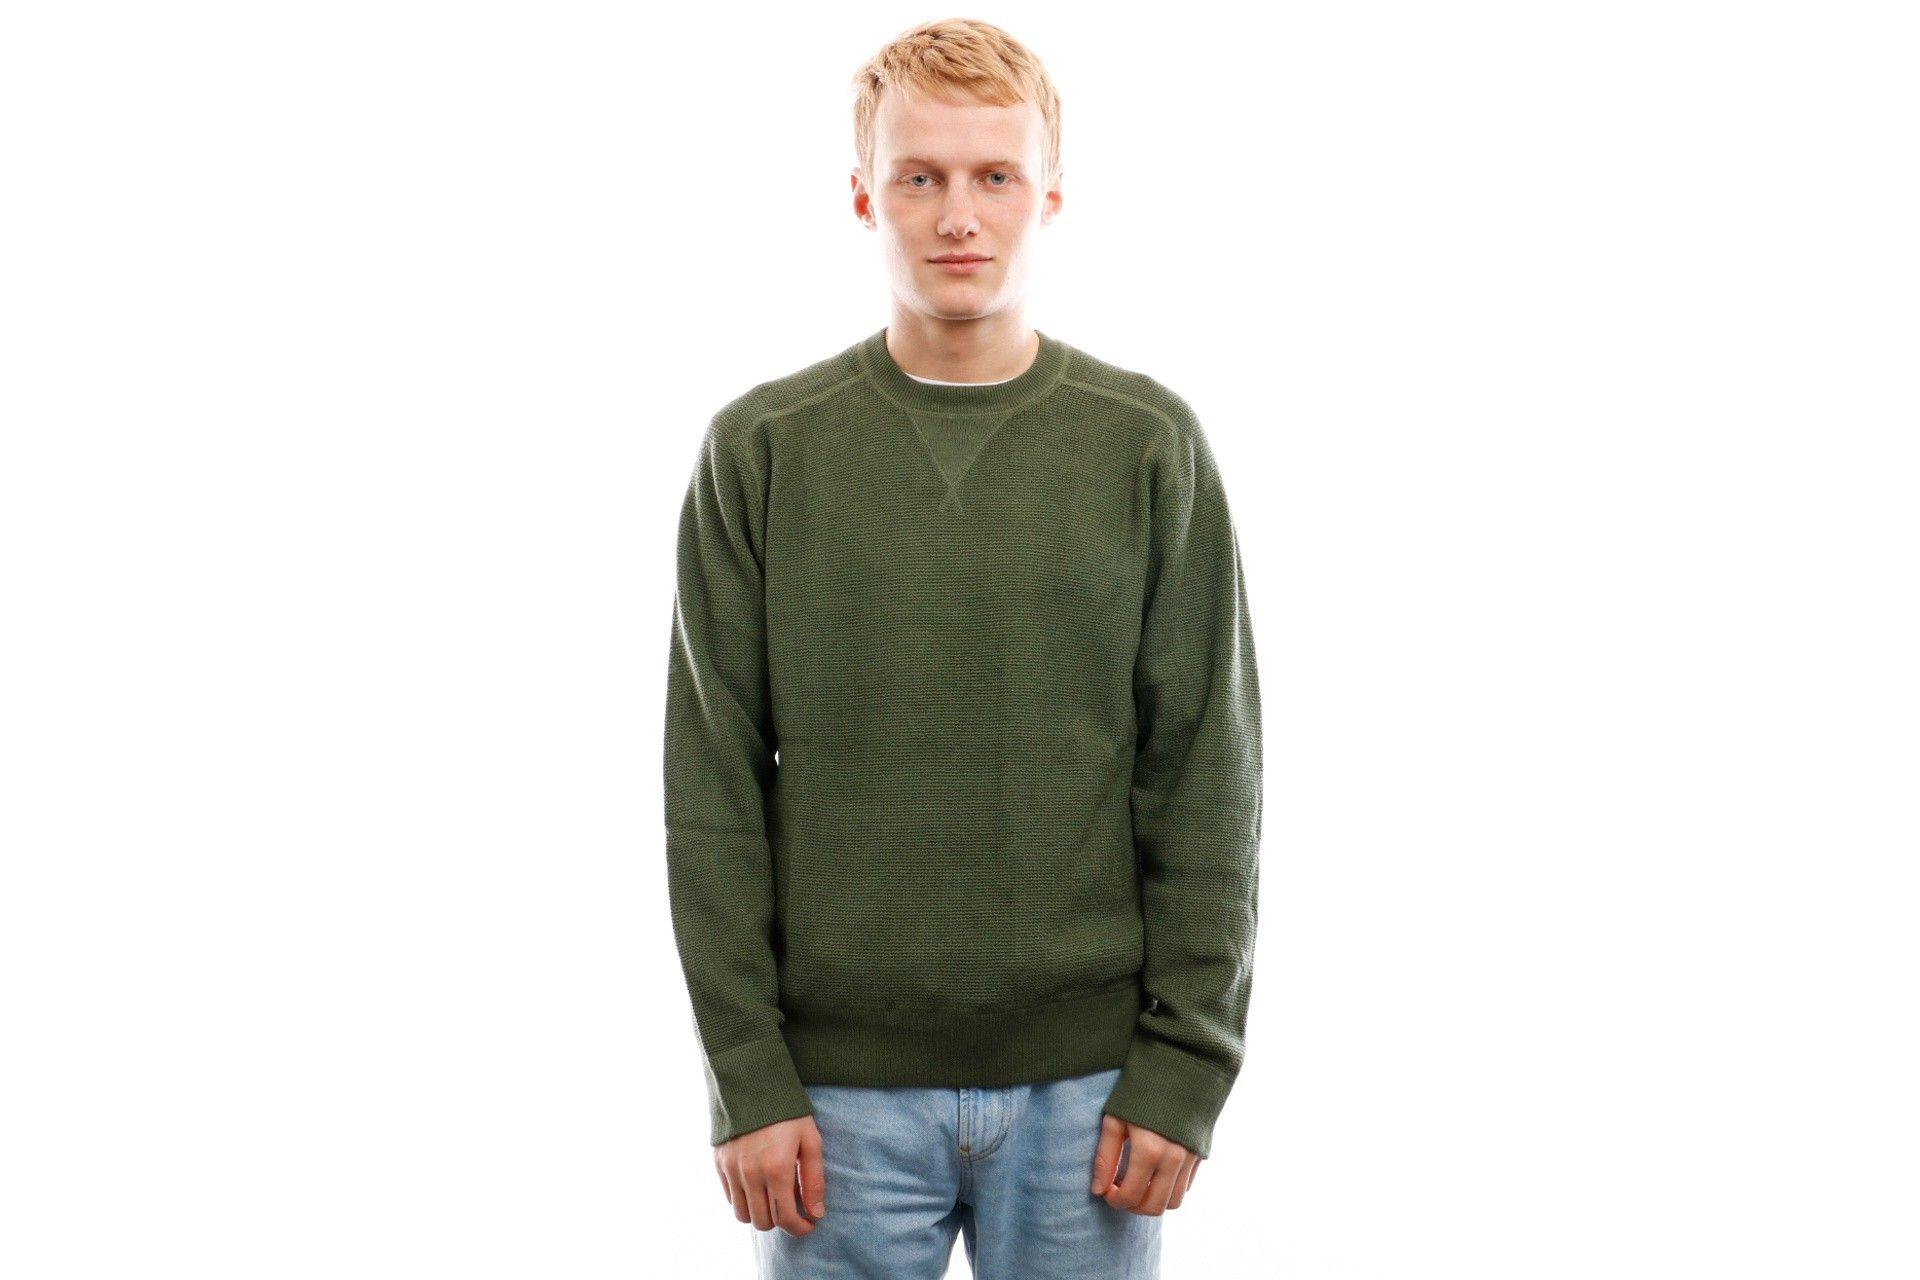 Afbeelding van Carhartt WIP Crewneck Moross Sweater Adventure I026234